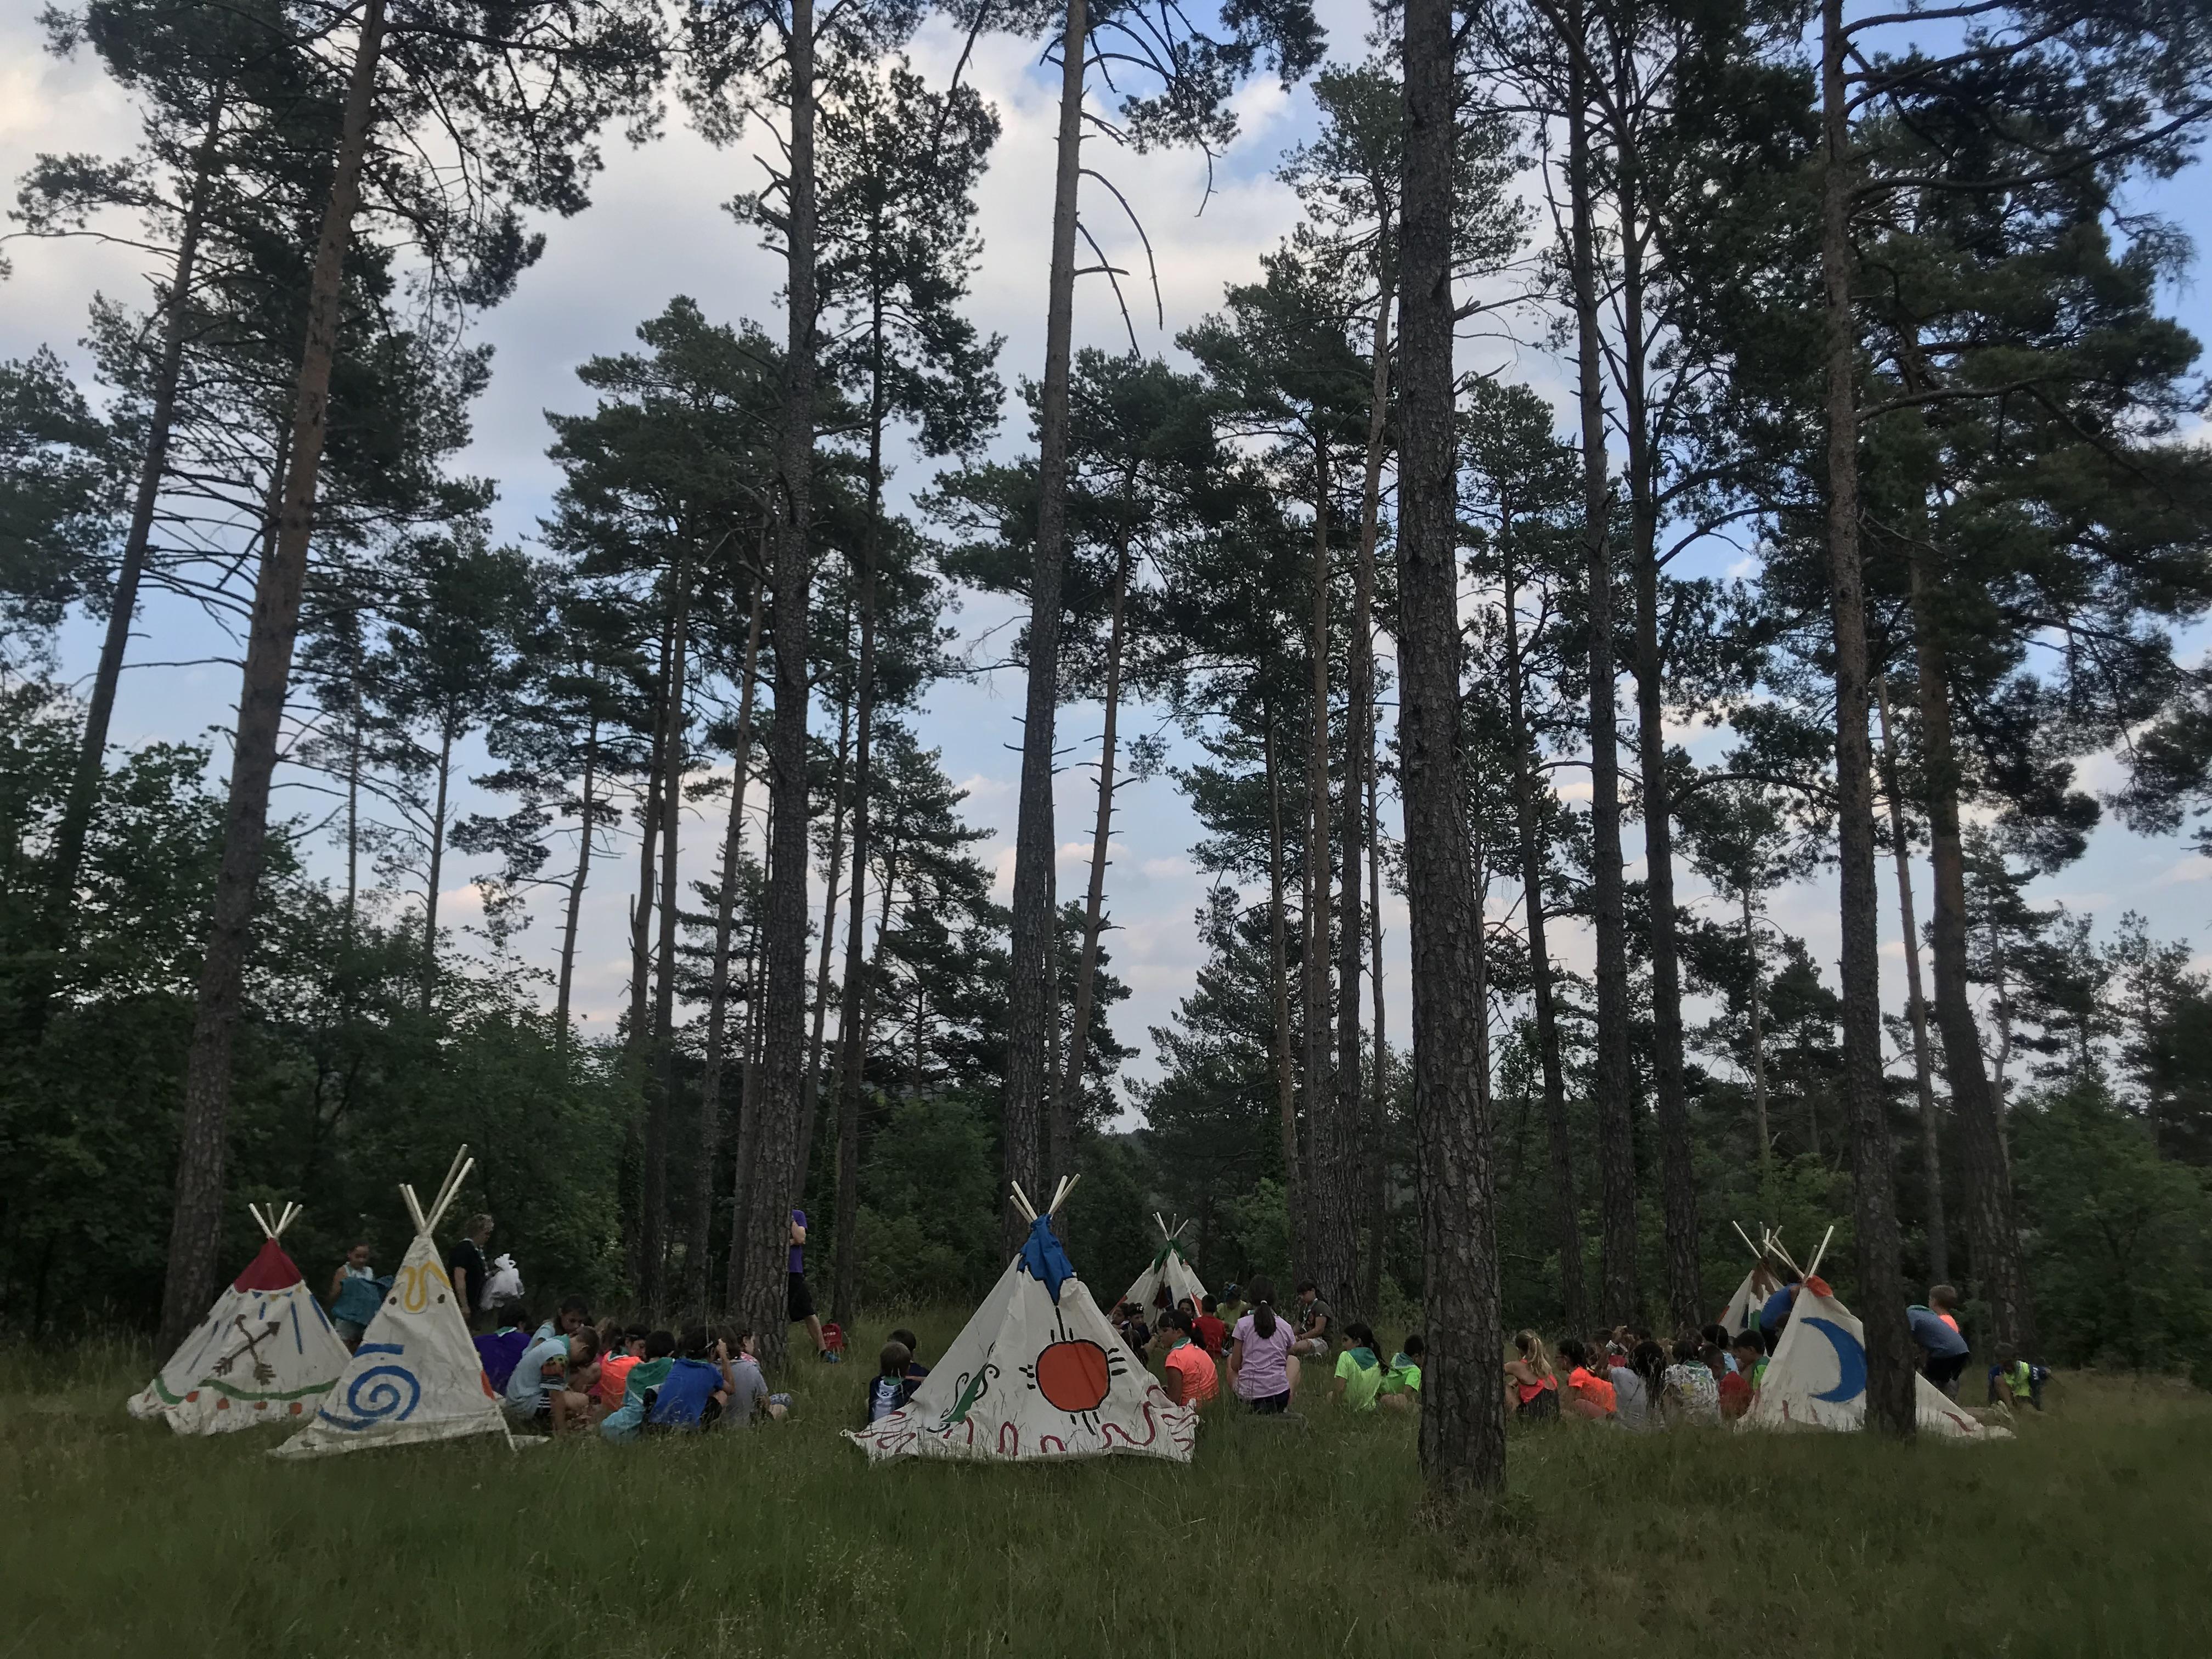 El dia 6 de juliol, 72 nens i nenes de 3r i 4t de primària es van convertir en petits indis per poder ajudar a la gran cabdill, als xamans i als caps de les tribus del poblat Indigorg. El gran Tòtem els va reunir per poder recuperar els elements del poblat, primer es van […]